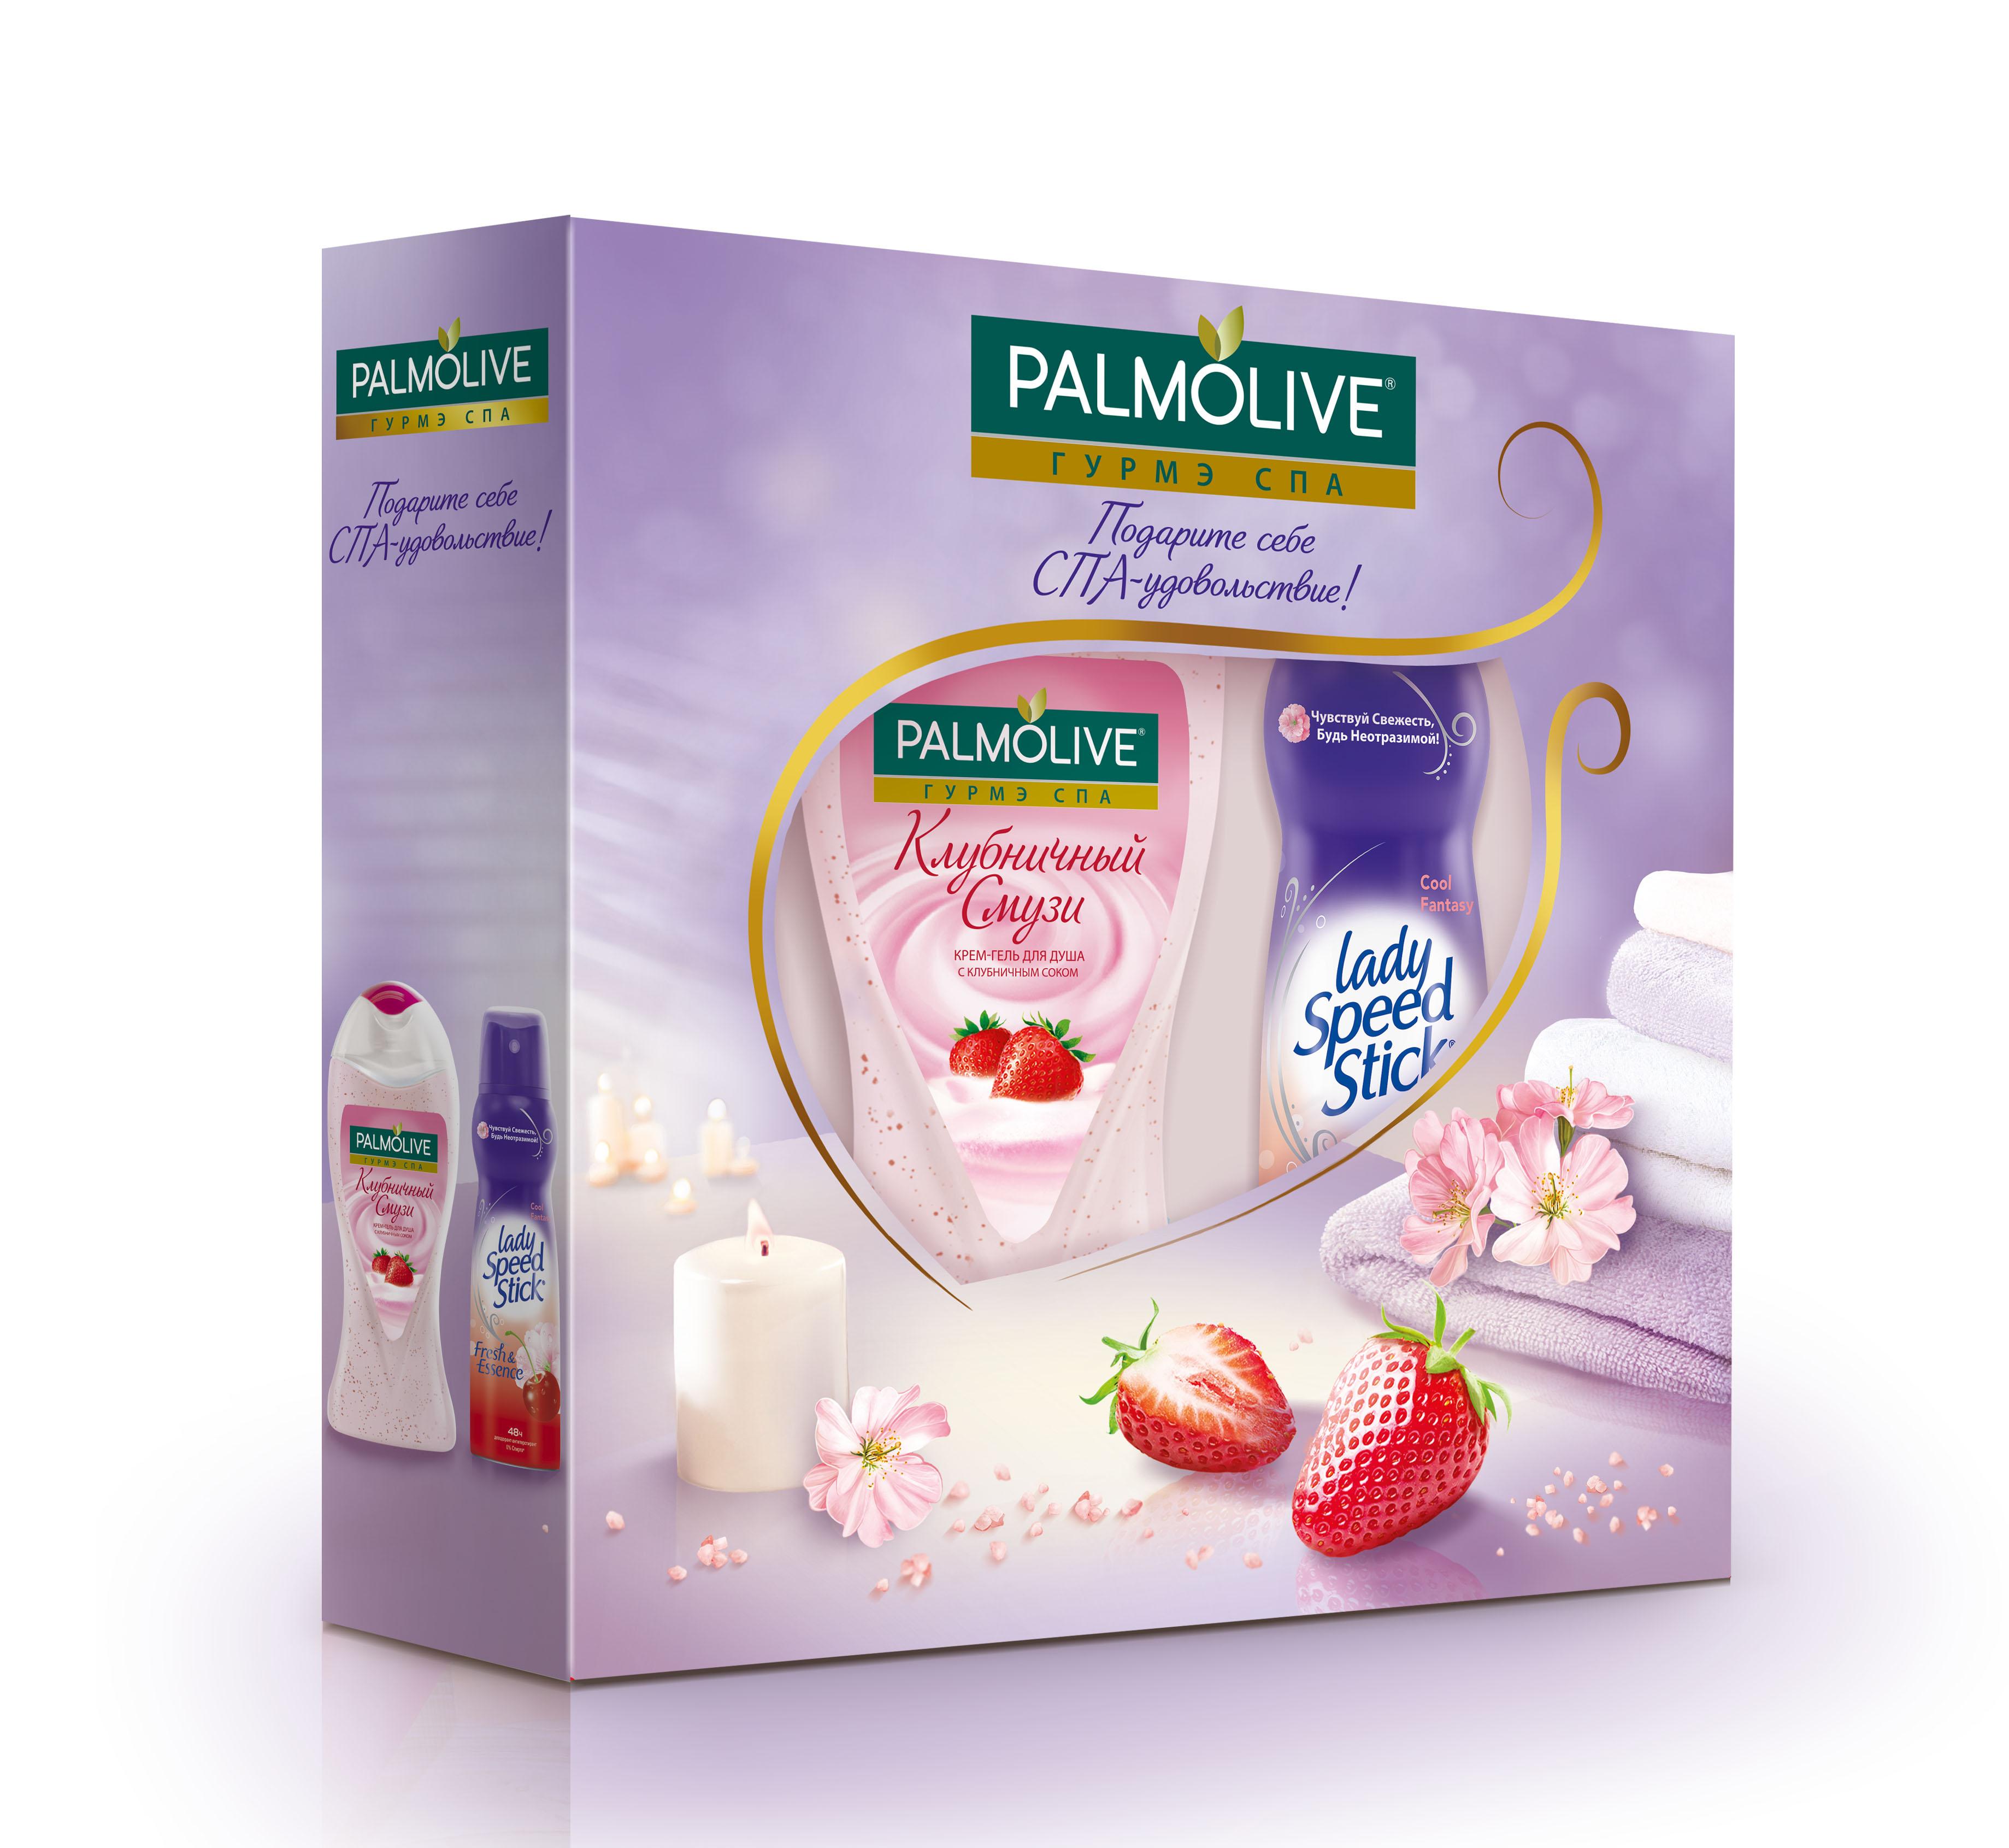 Подарочный набор Palmolive СПА-удовольствие1301210Гель для душа Клубничный Смузи 250мл - 1шт, спрей Леди Спид Стик Вишня 150мл - 1шт в коробке